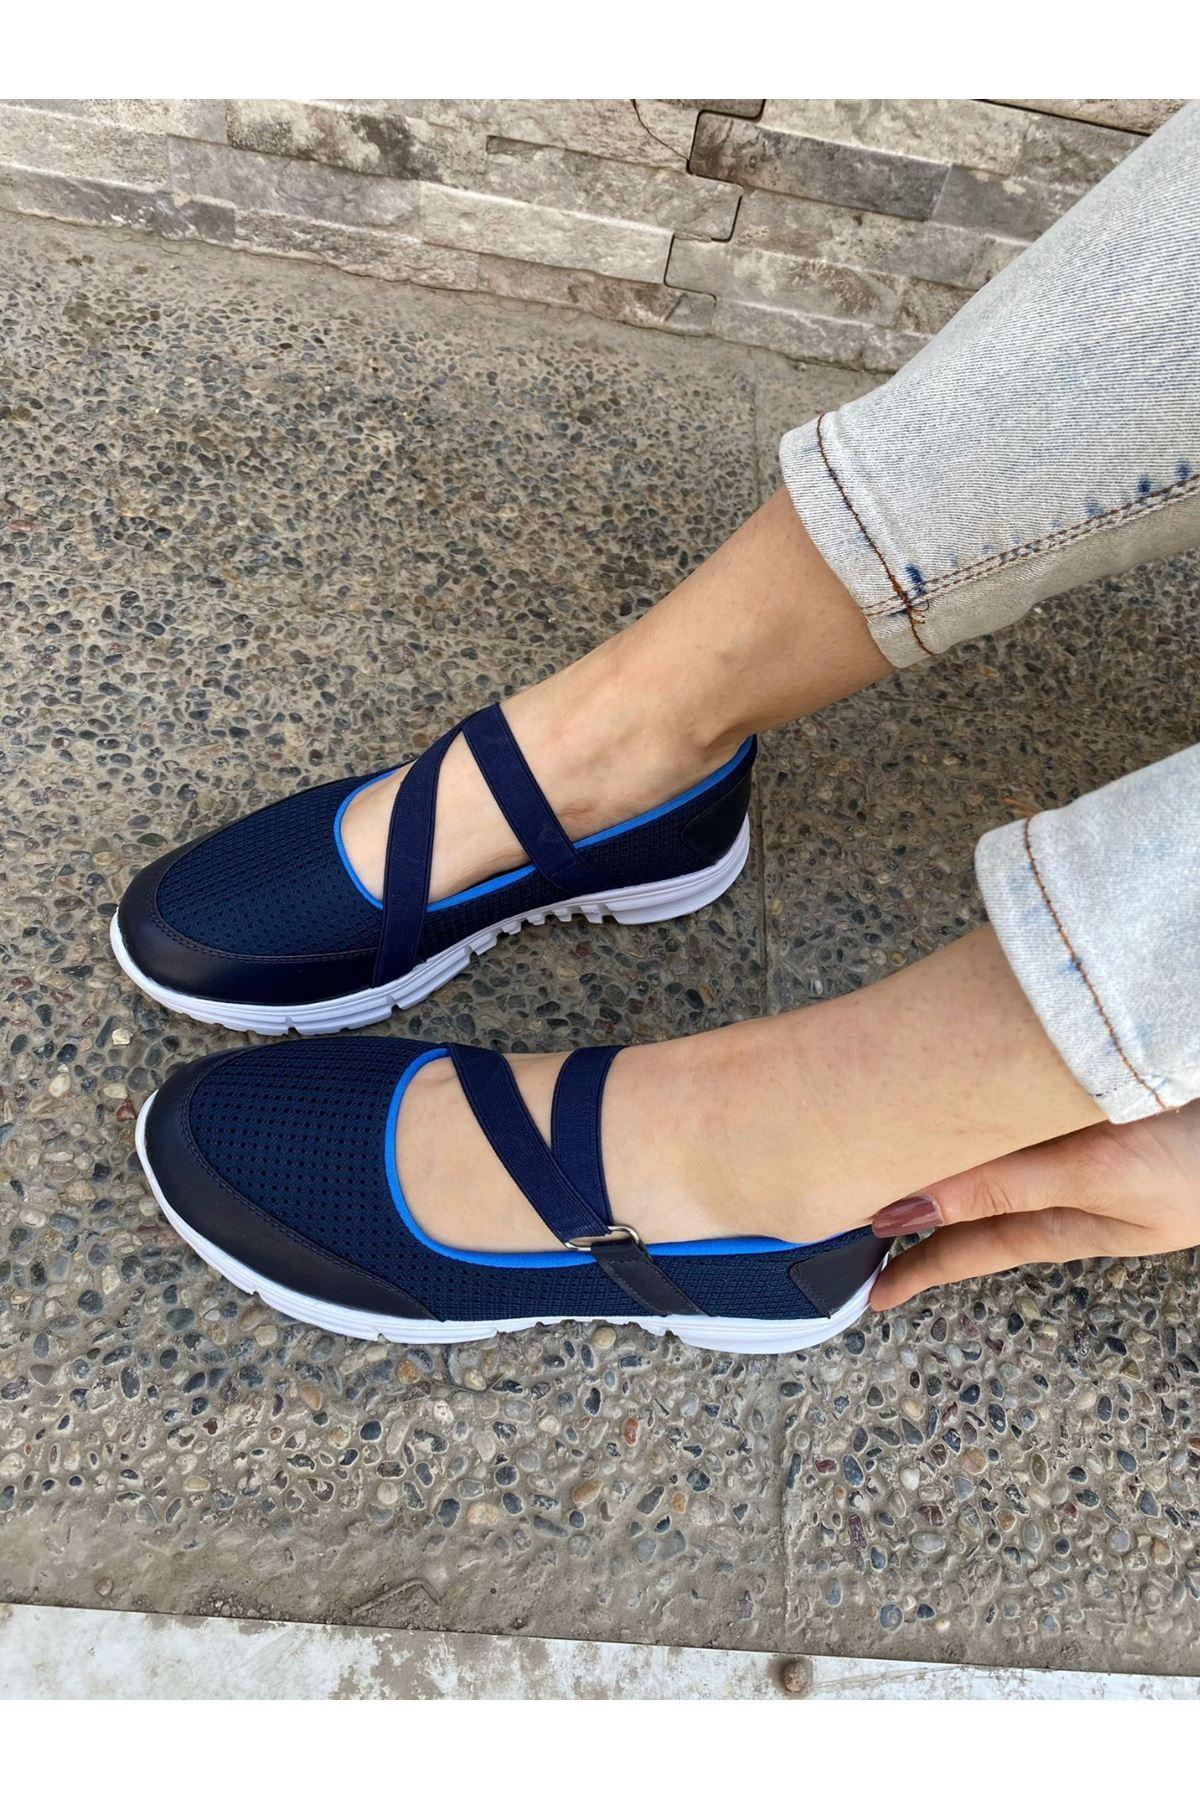 Maty Lacivert Cilt Mavi Detaylı Babet Ayakkabı